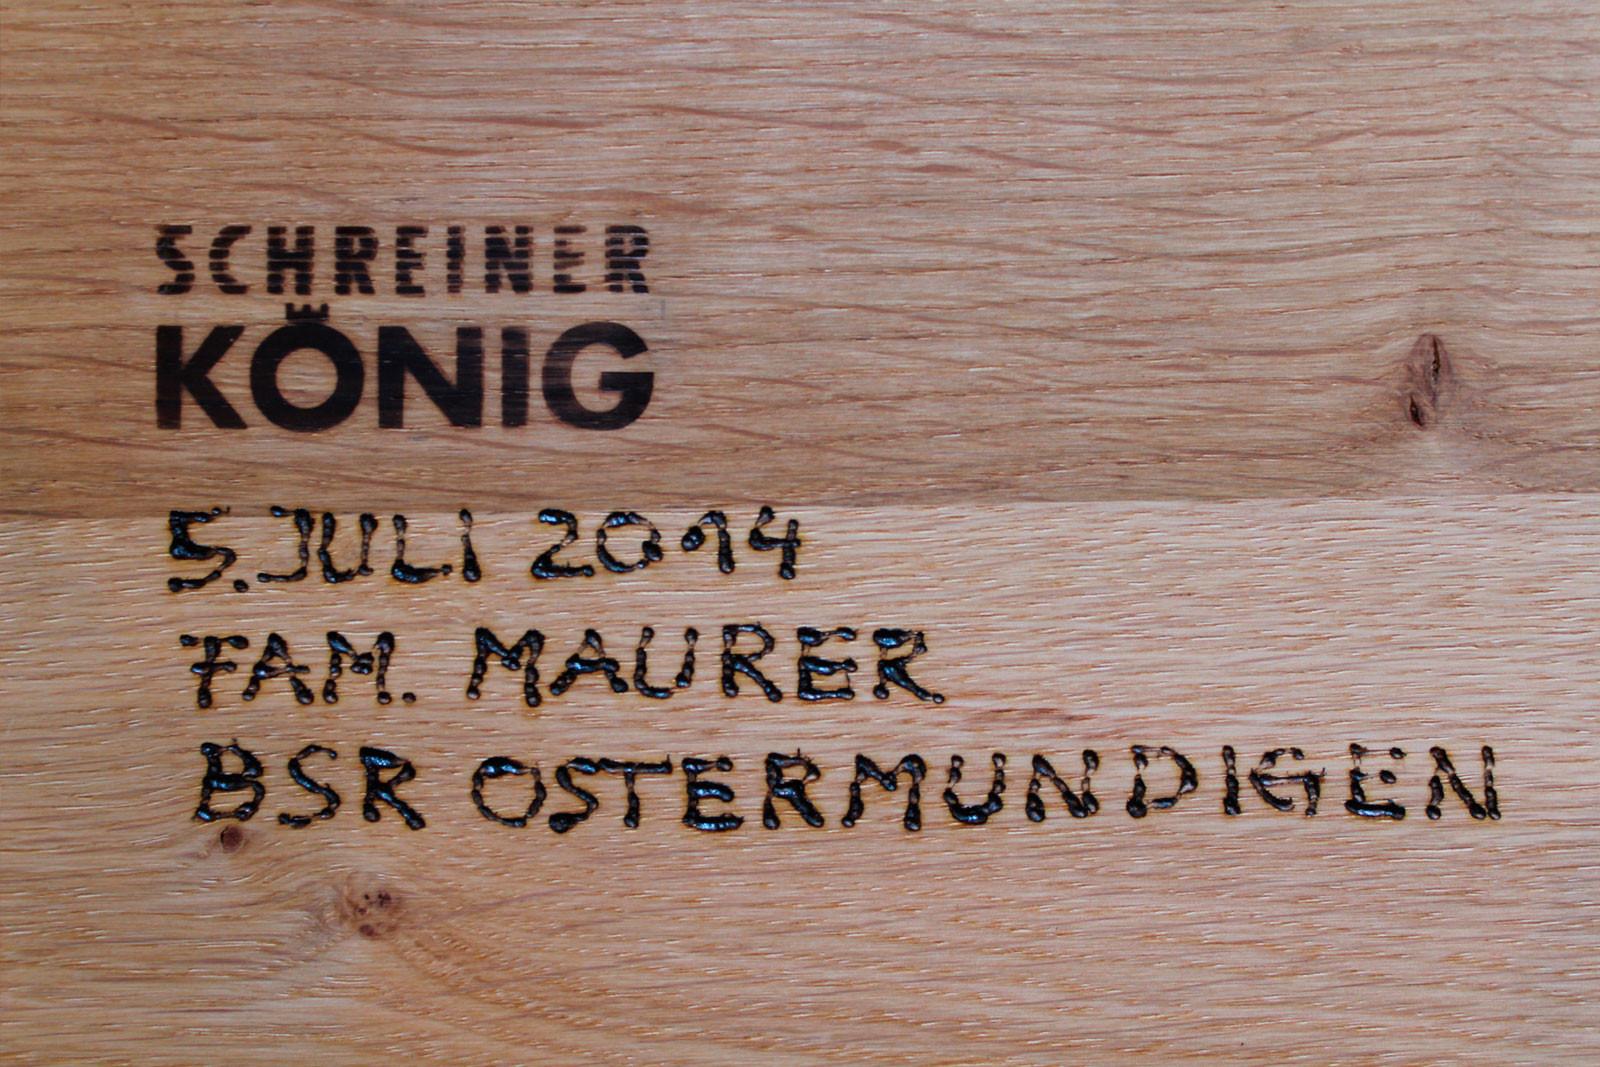 BSR Ostermundigen, Design Schreiner König